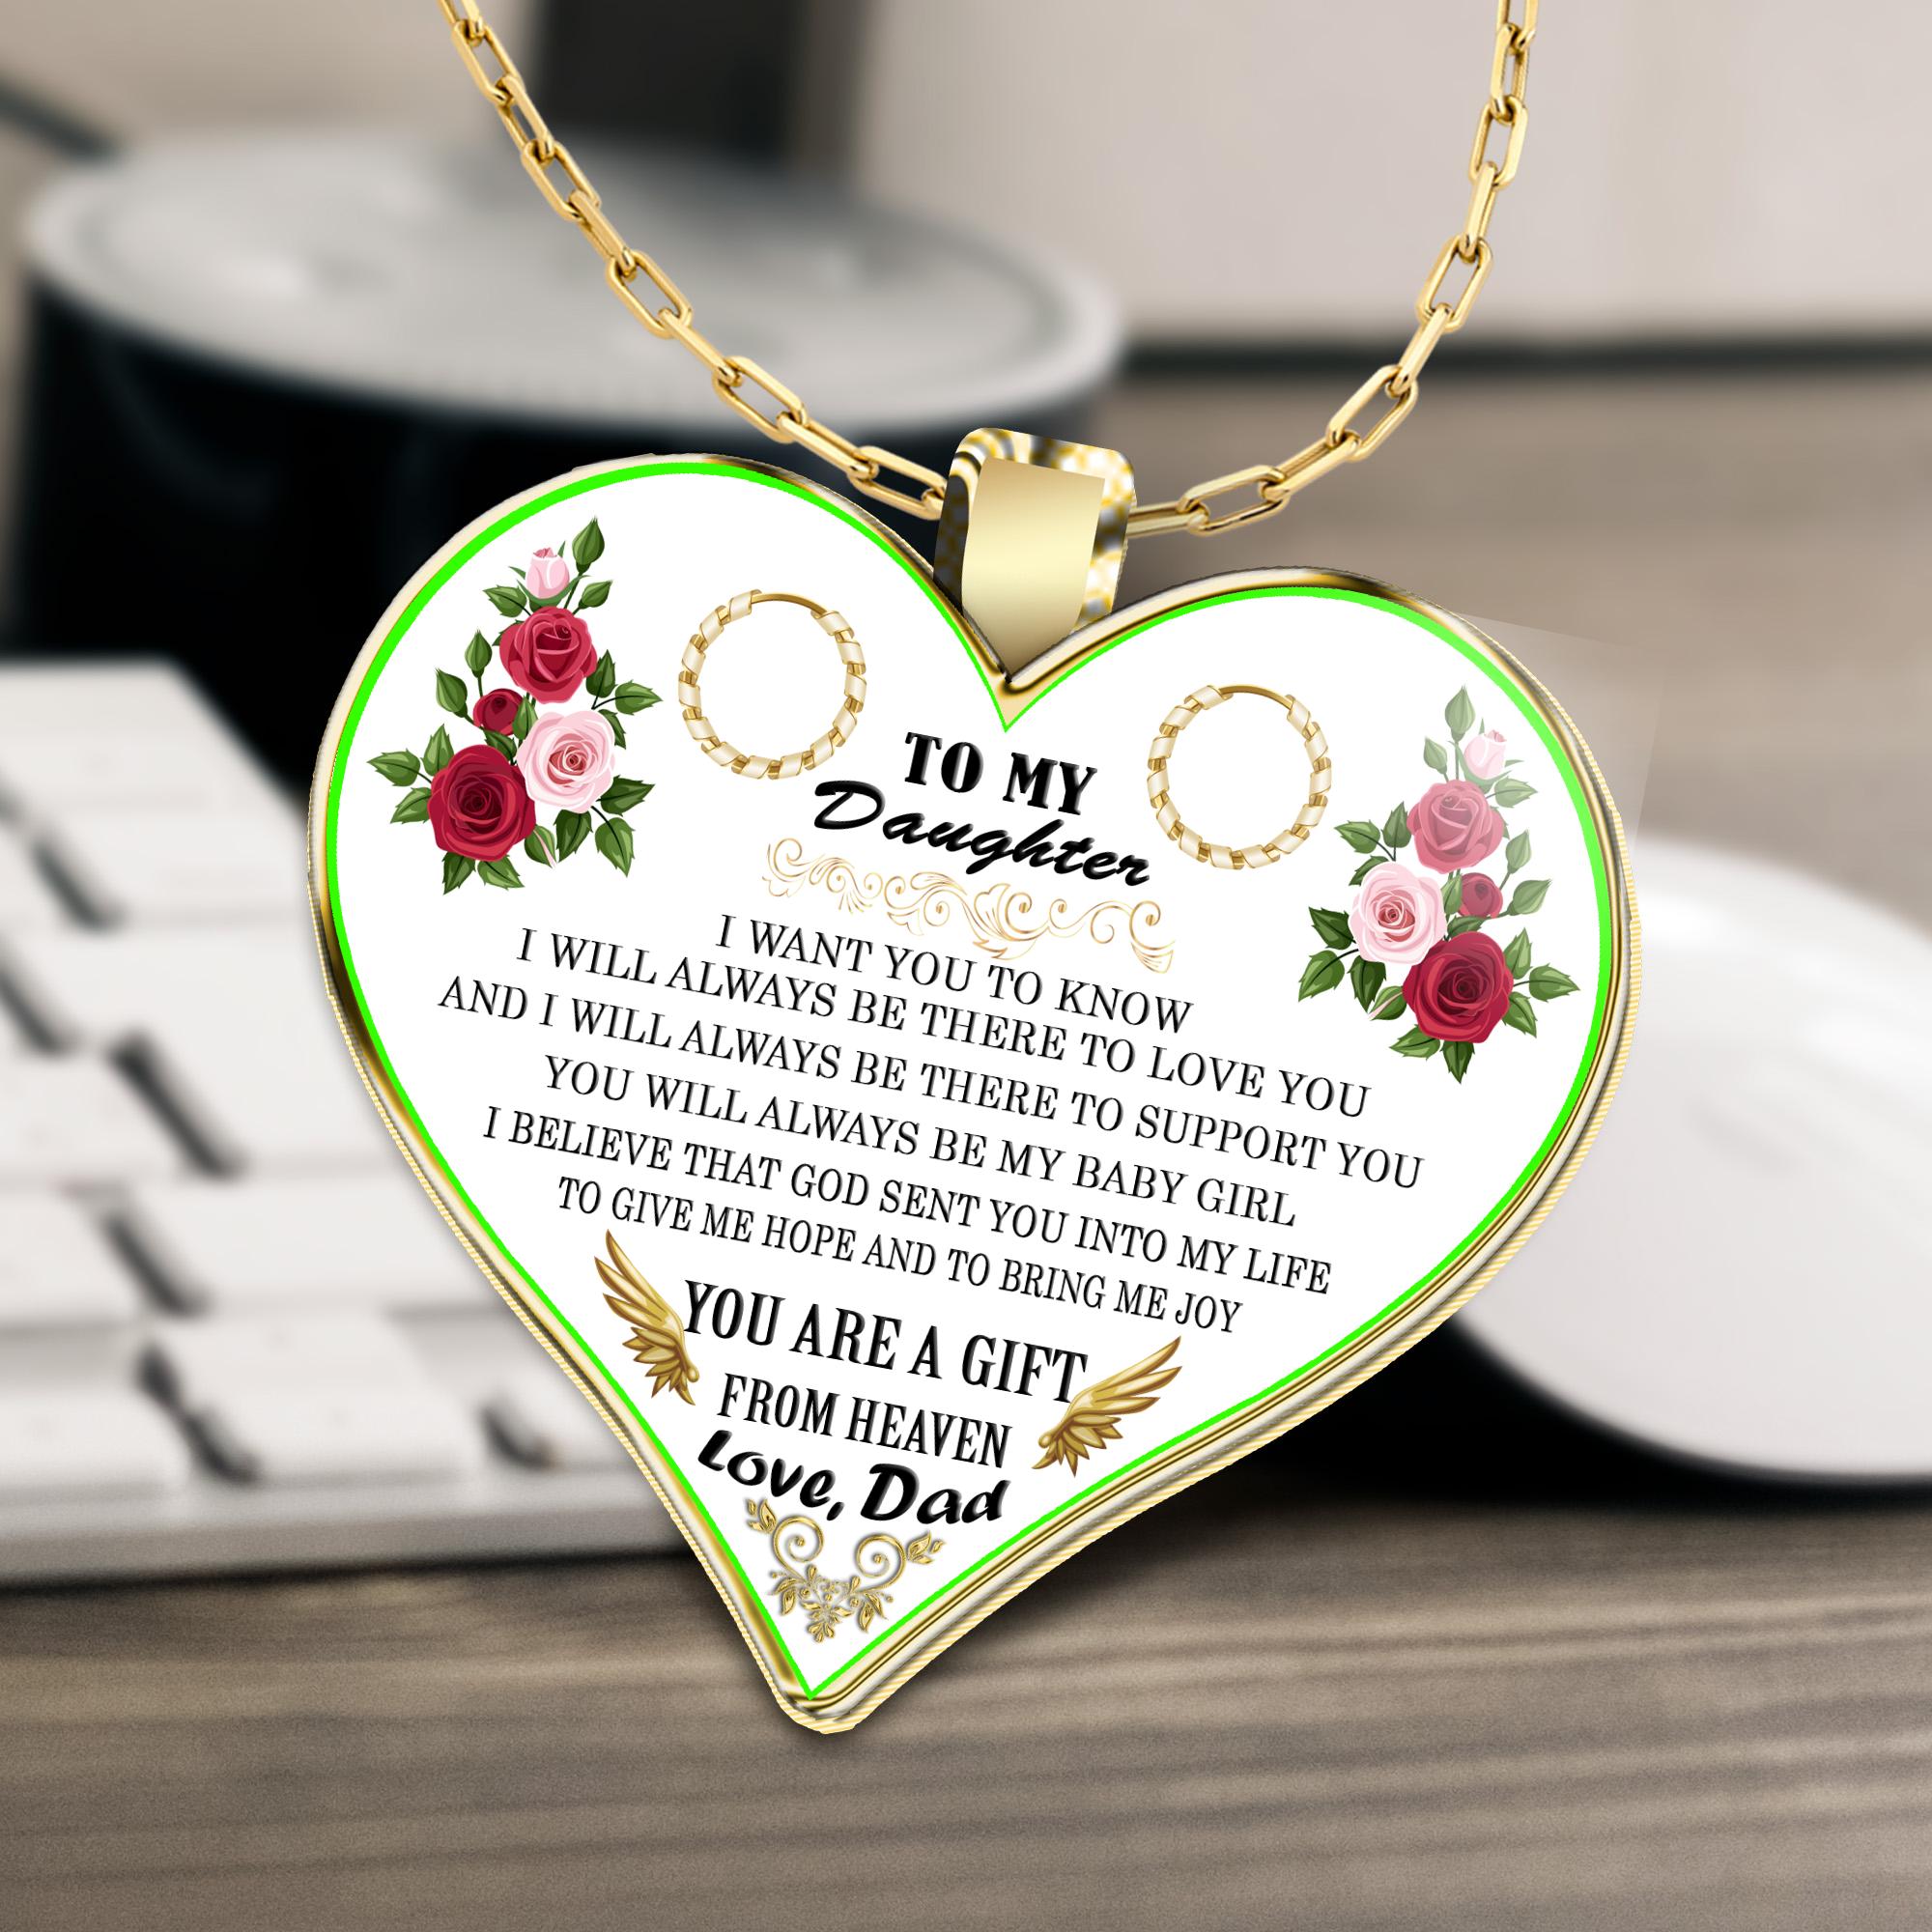 to my daughter daughter necklace to my daughter necklace best